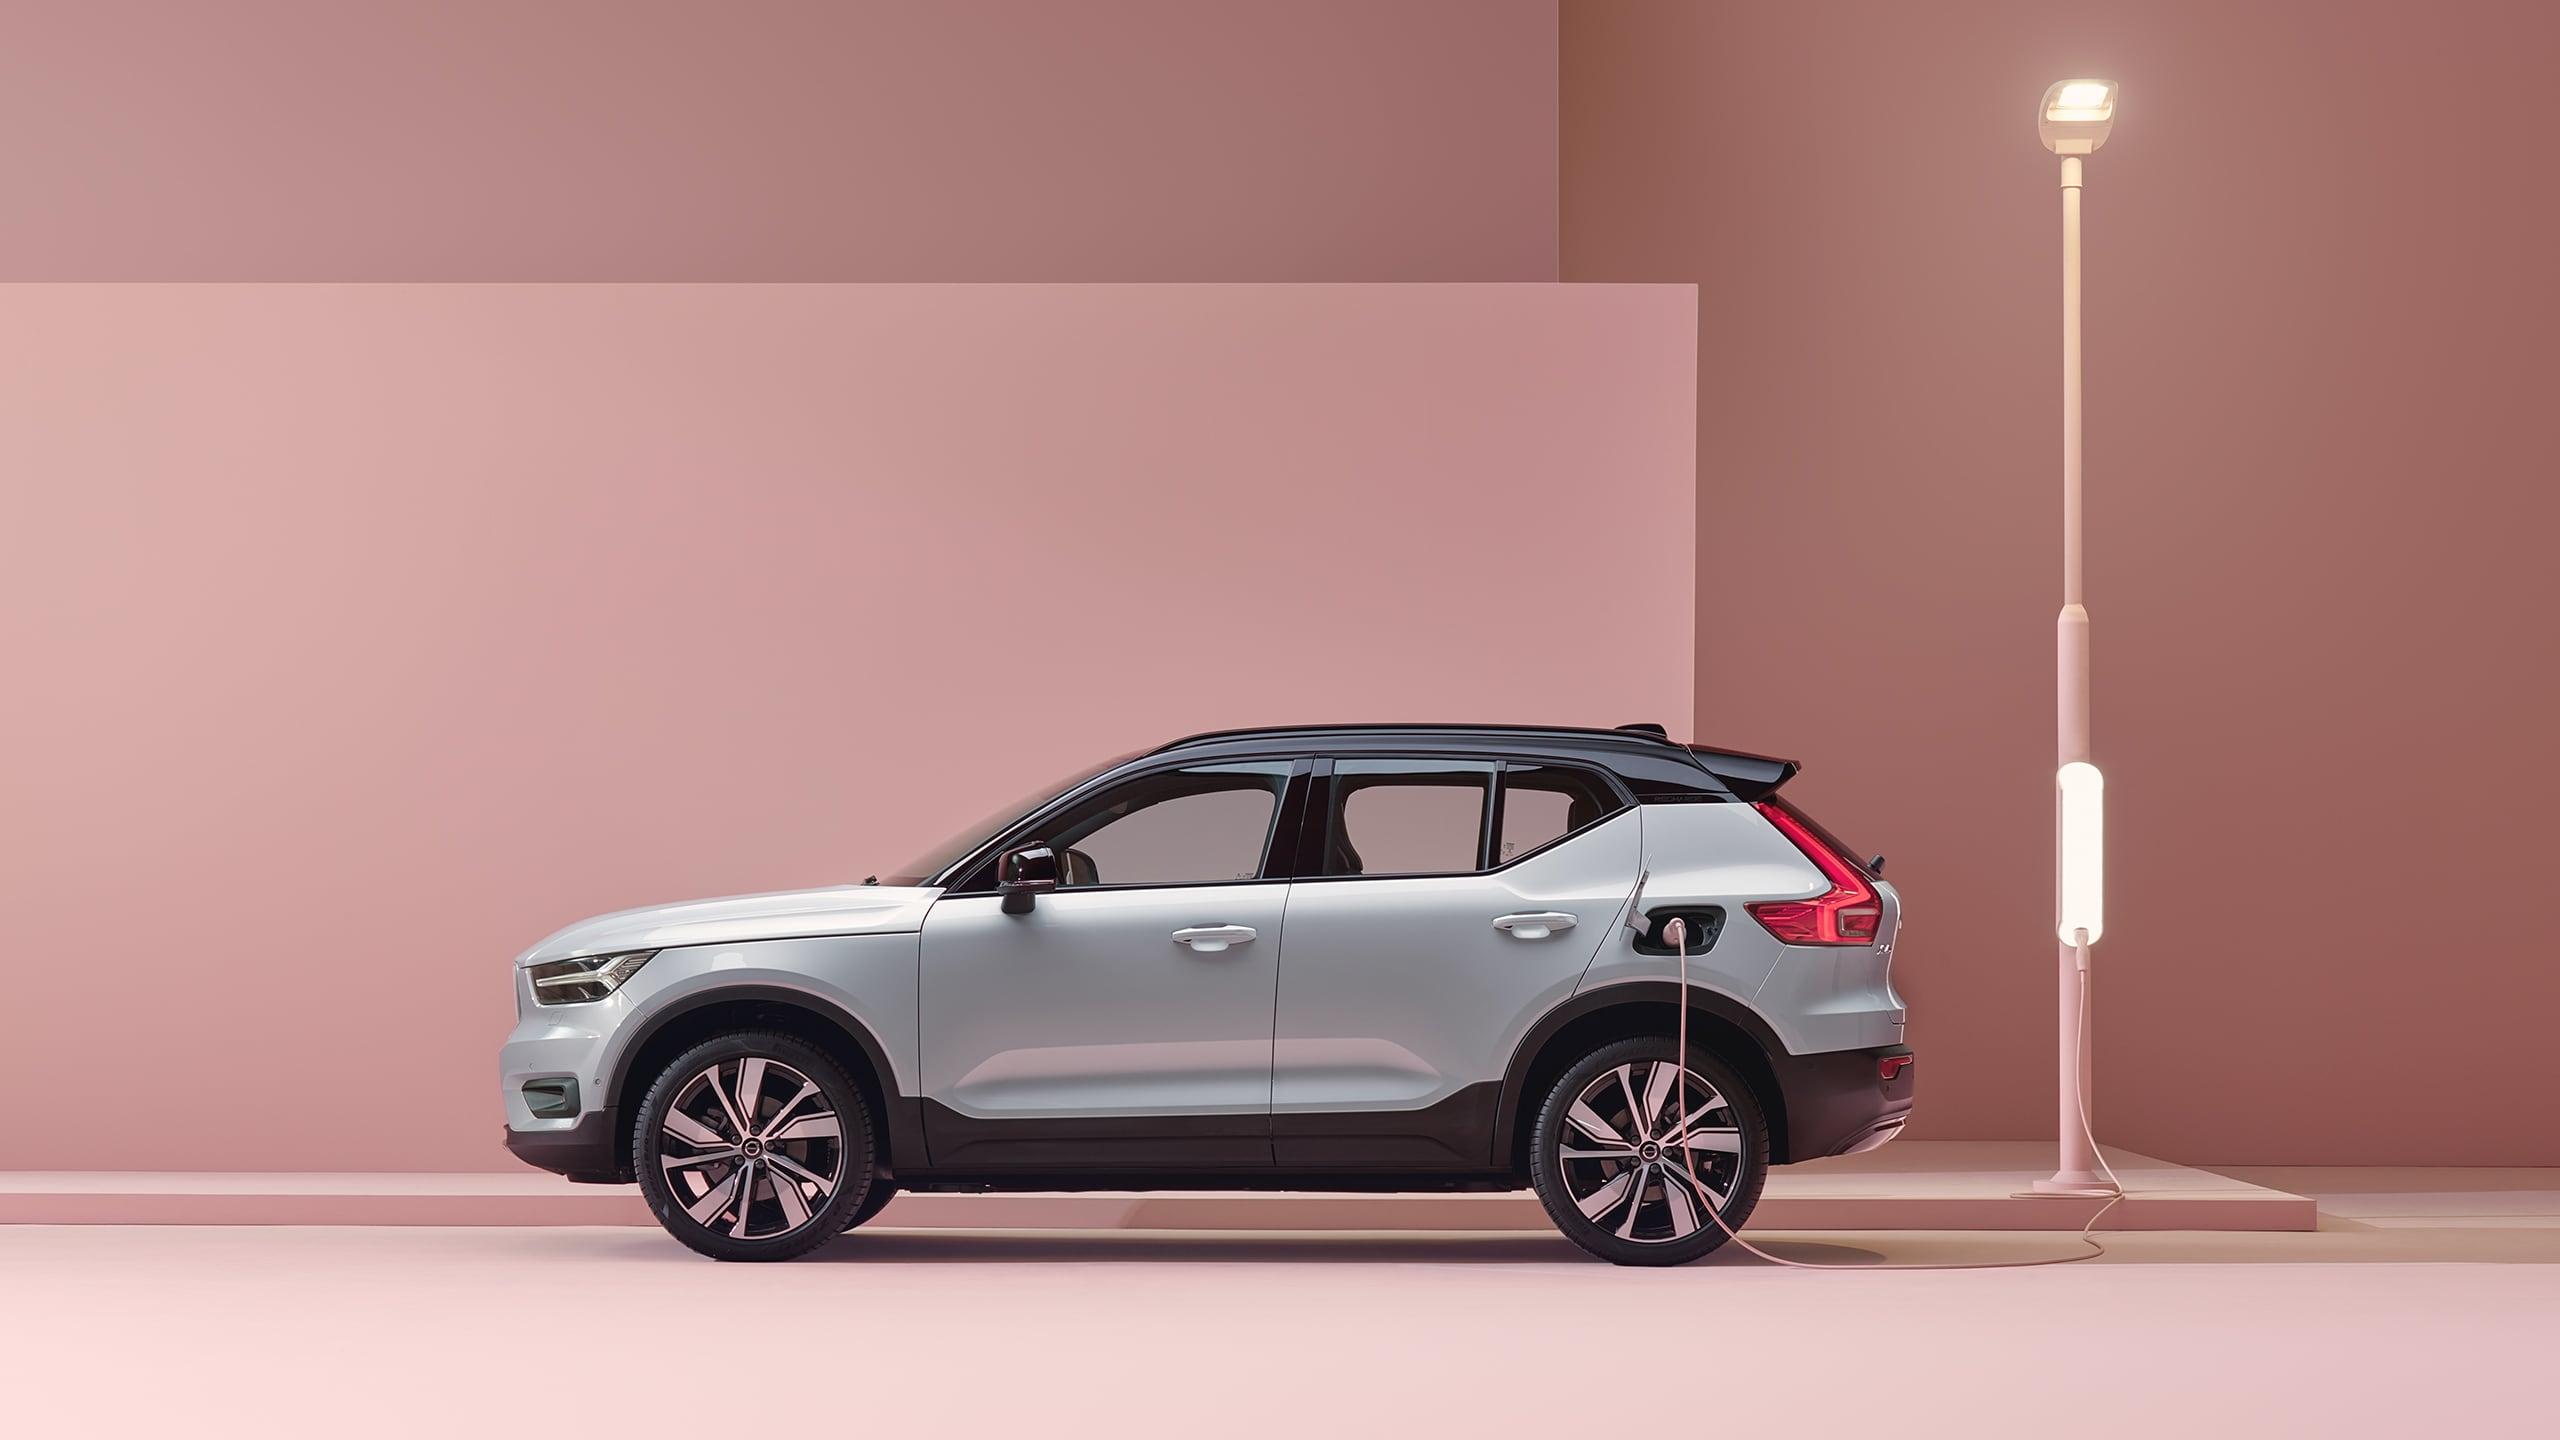 Een grijze 100% elektrische Volvo XC40 SUV wordt opgeladen in een roze stadsomgeving